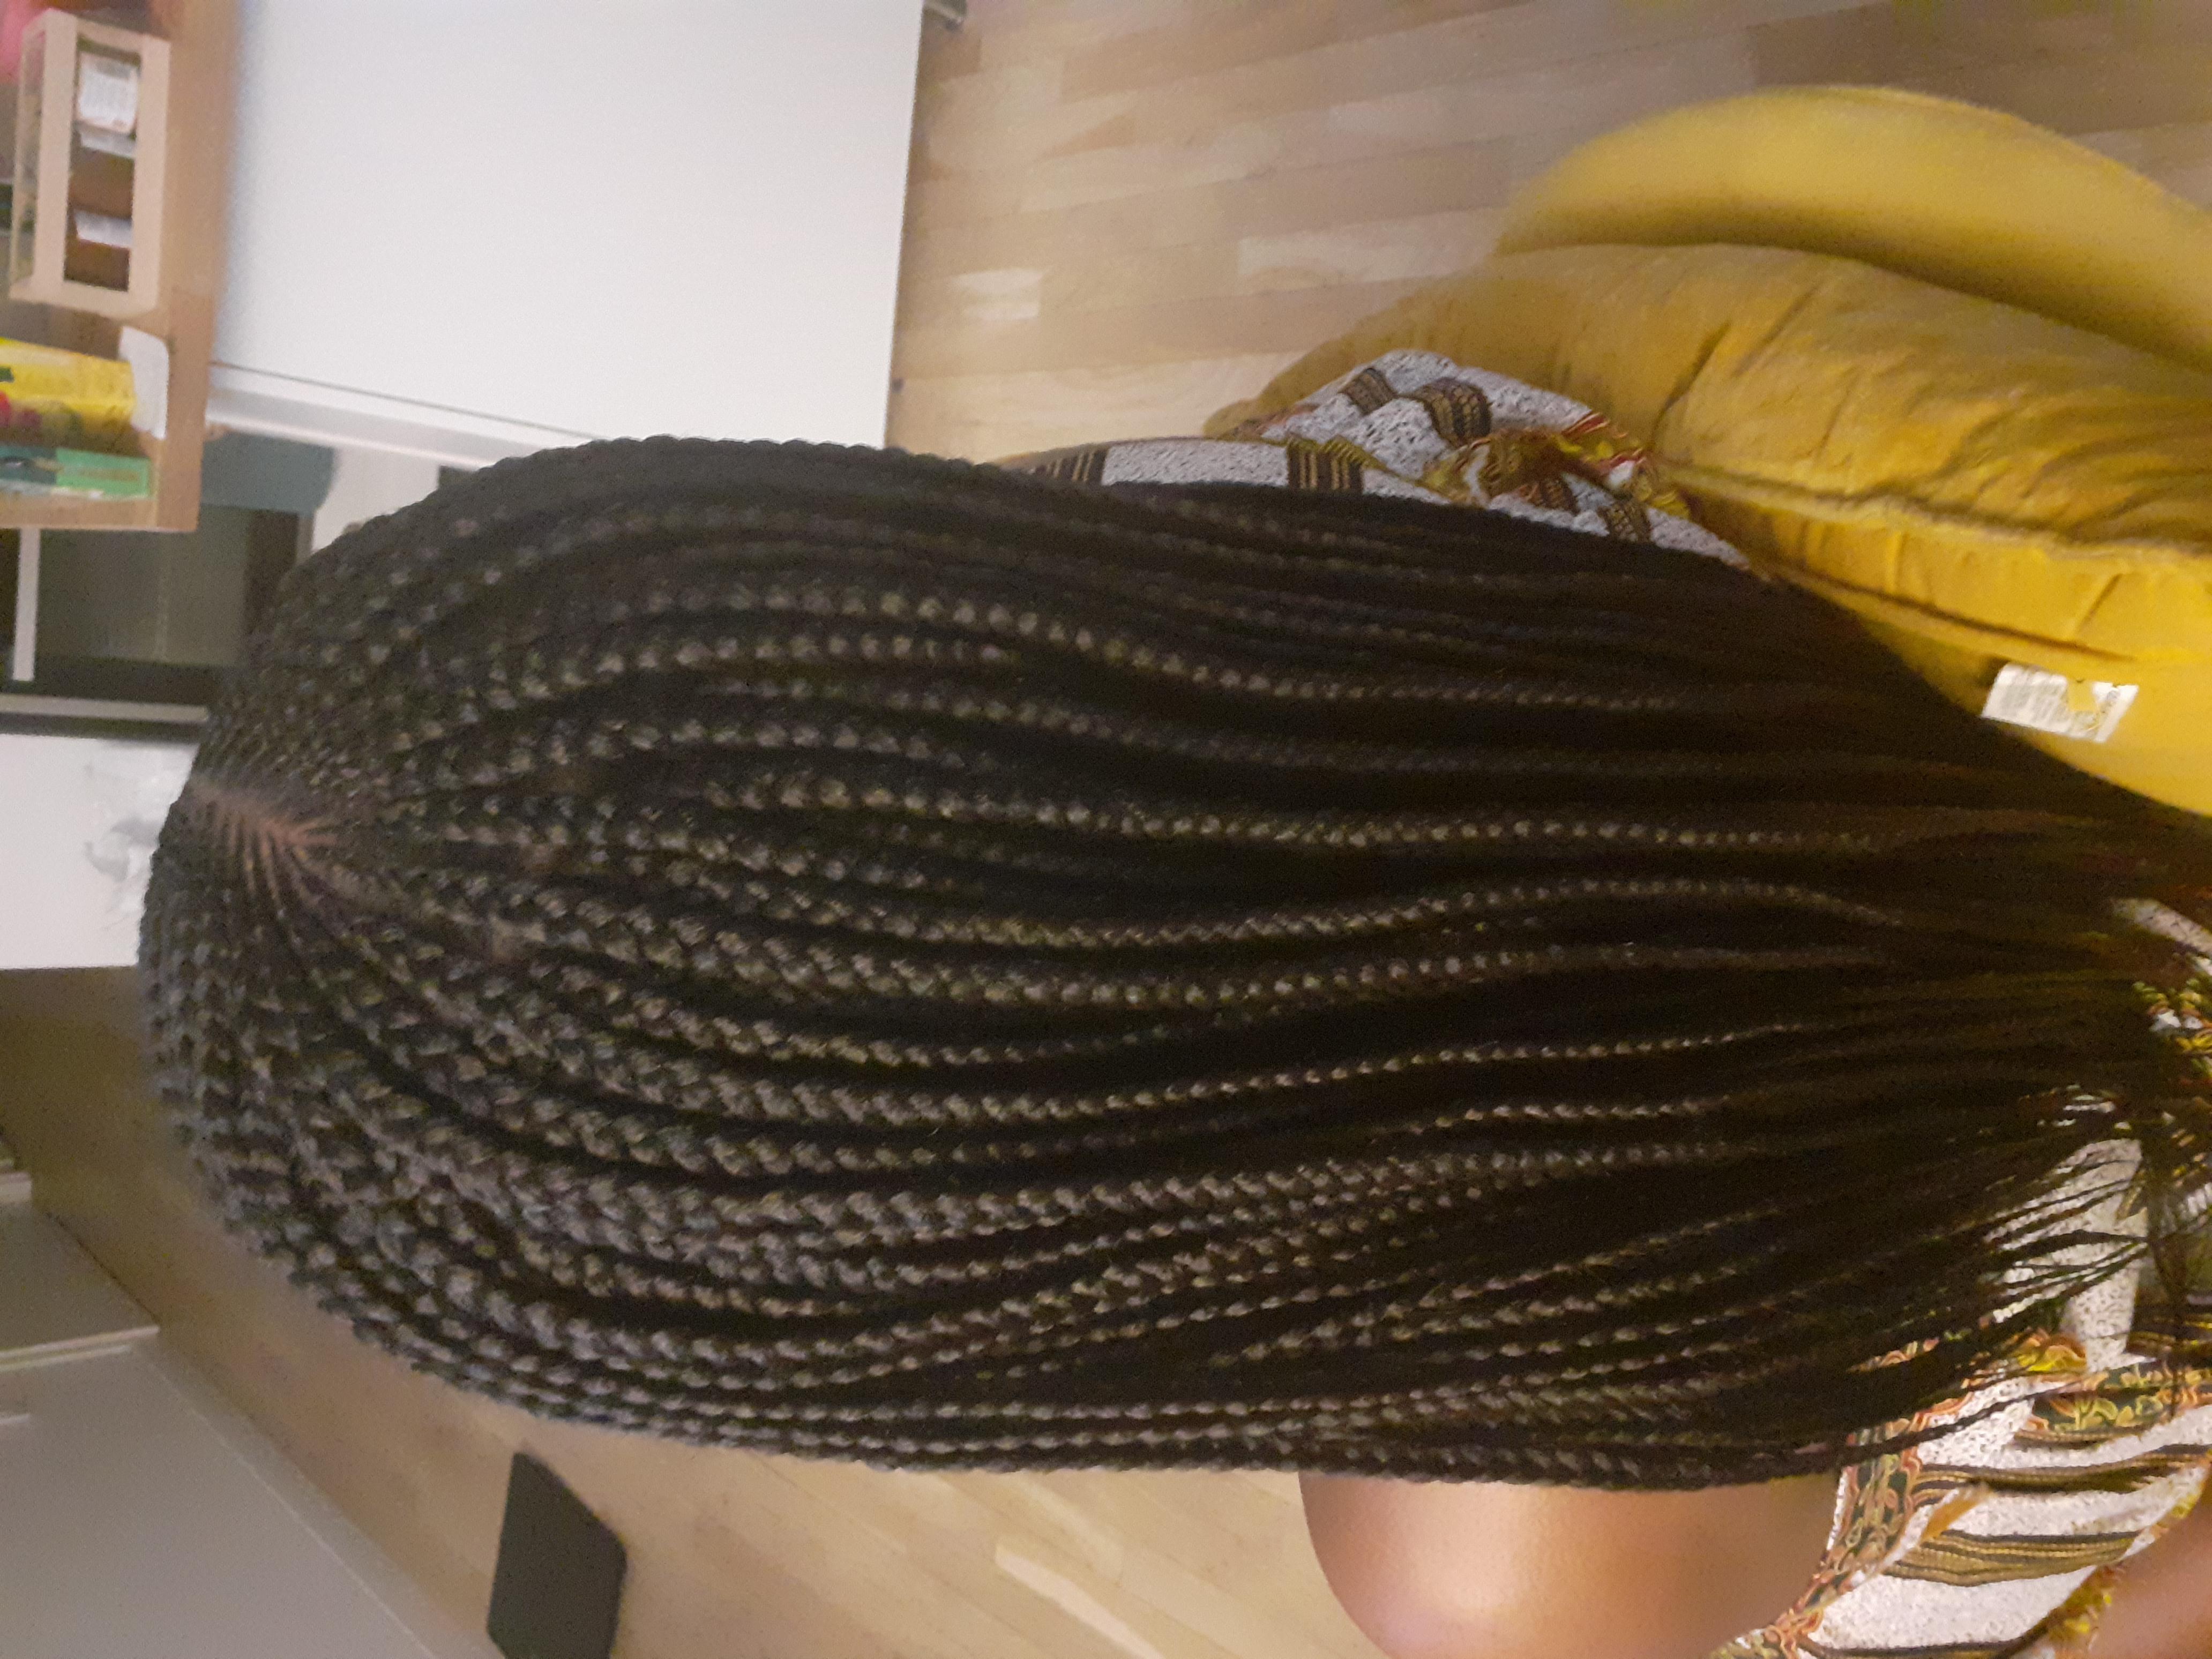 salon de coiffure afro tresse tresses box braids crochet braids vanilles tissages paris 75 77 78 91 92 93 94 95 JOUMLLAP